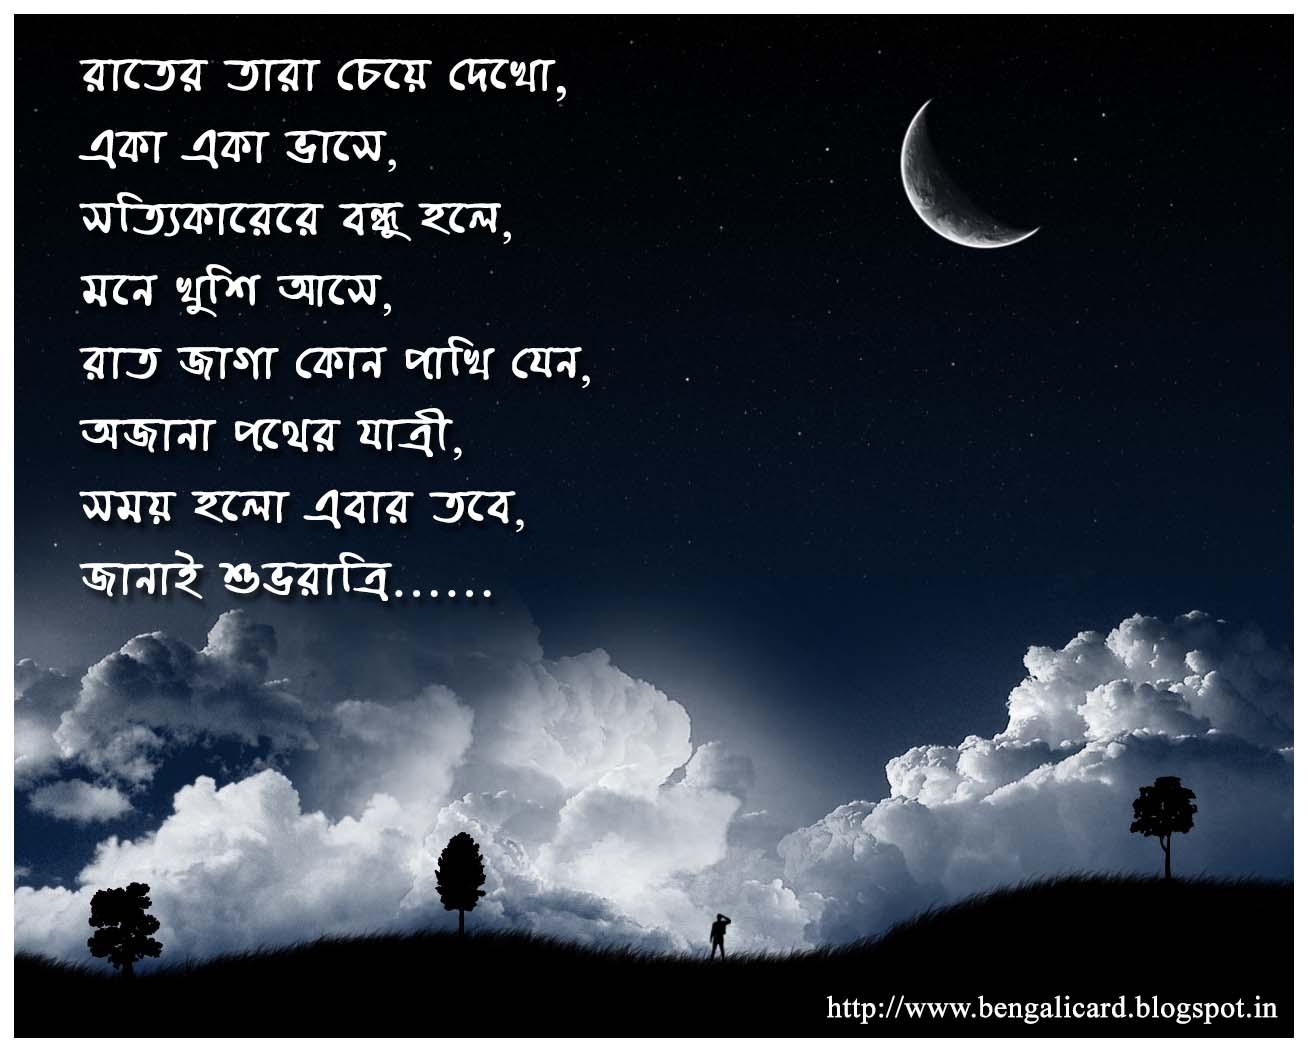 Bengali Card Ratha Yatra Greetings